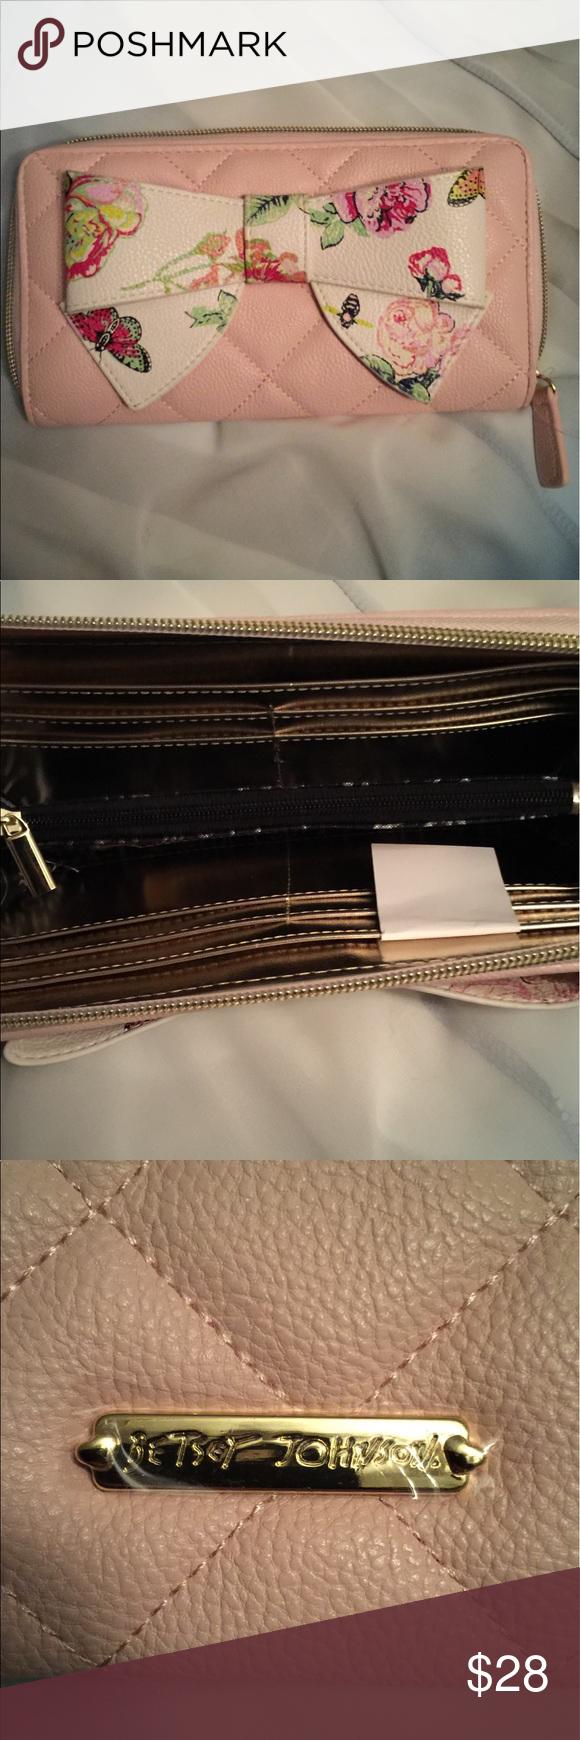 A fondo slot s&l fashions dress collection